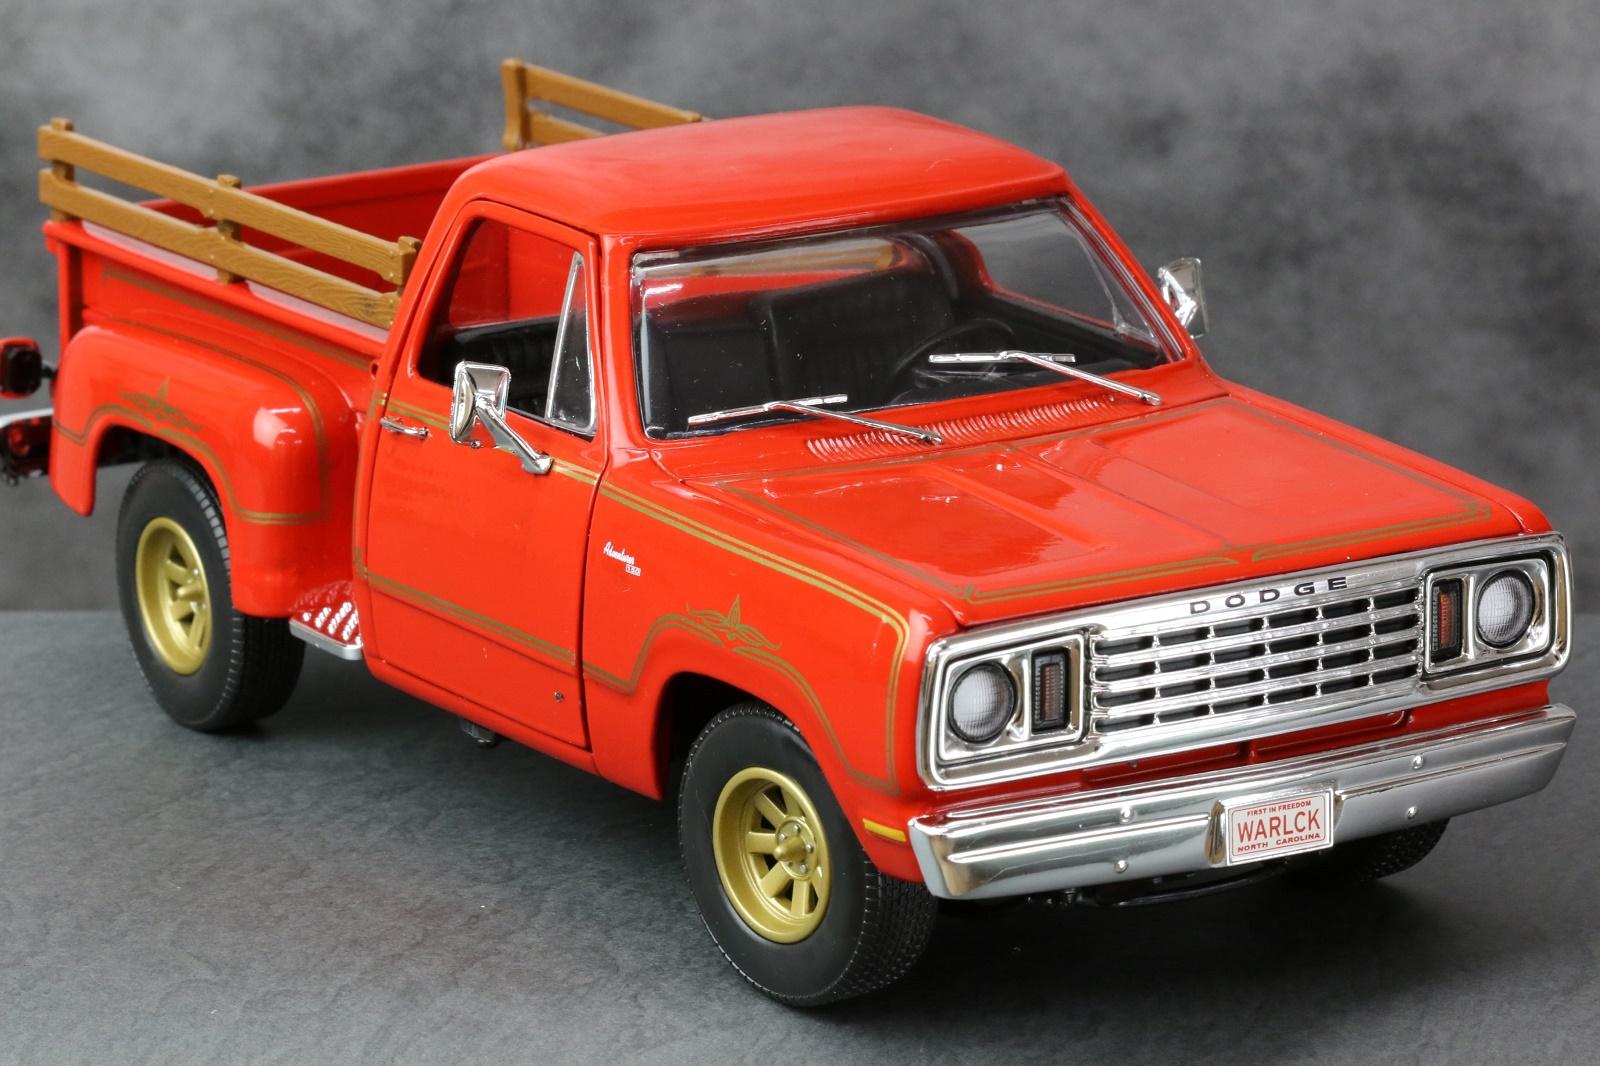 【AMERICAN MUSCLE】 アメリカンマッスル 1:18 1978 Dodge Warklock ダッジ ウォーロック 【181SS20】